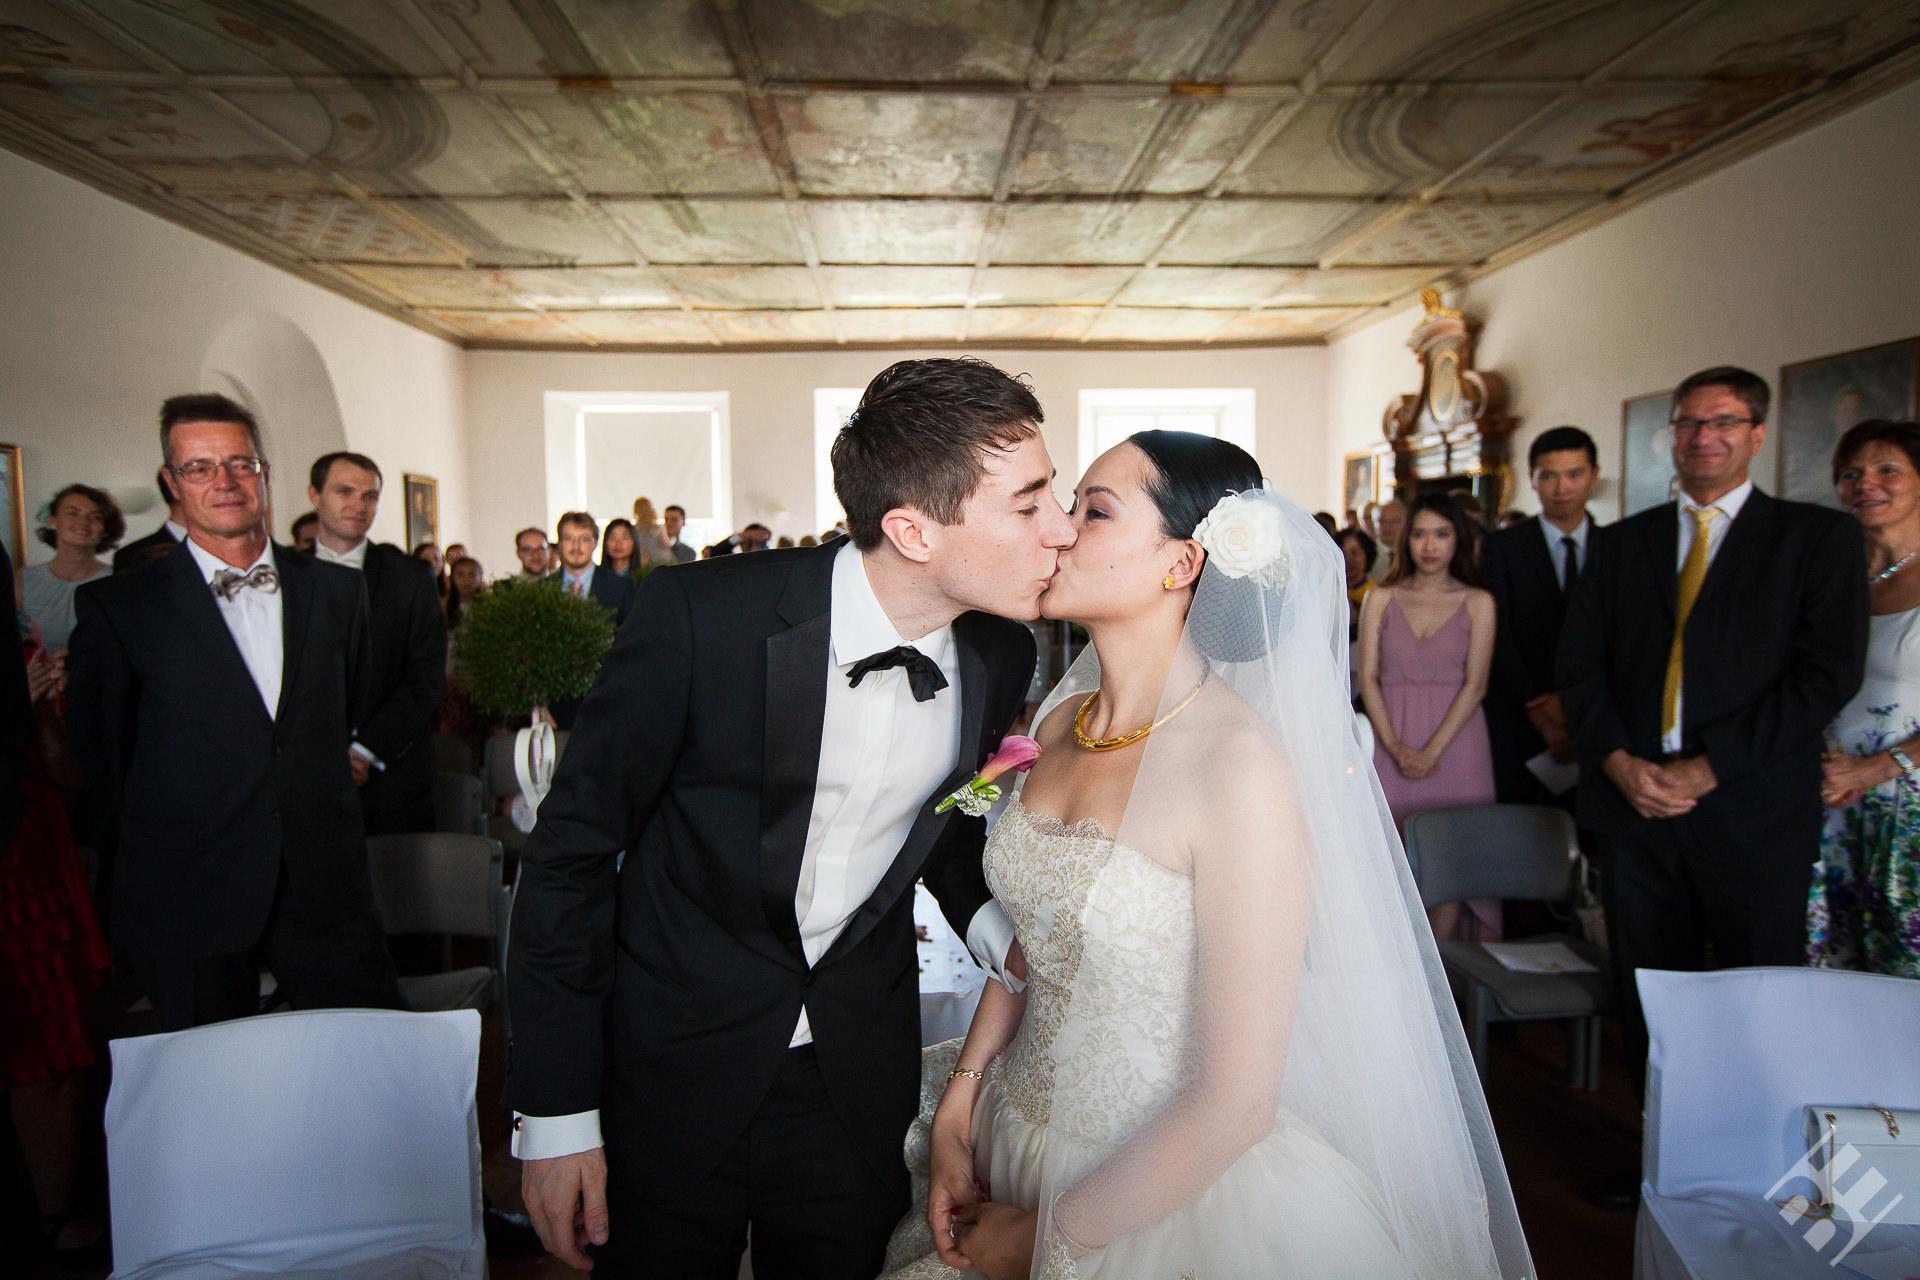 Hochzeit_43_IMG_9390_Volen_Evtimov